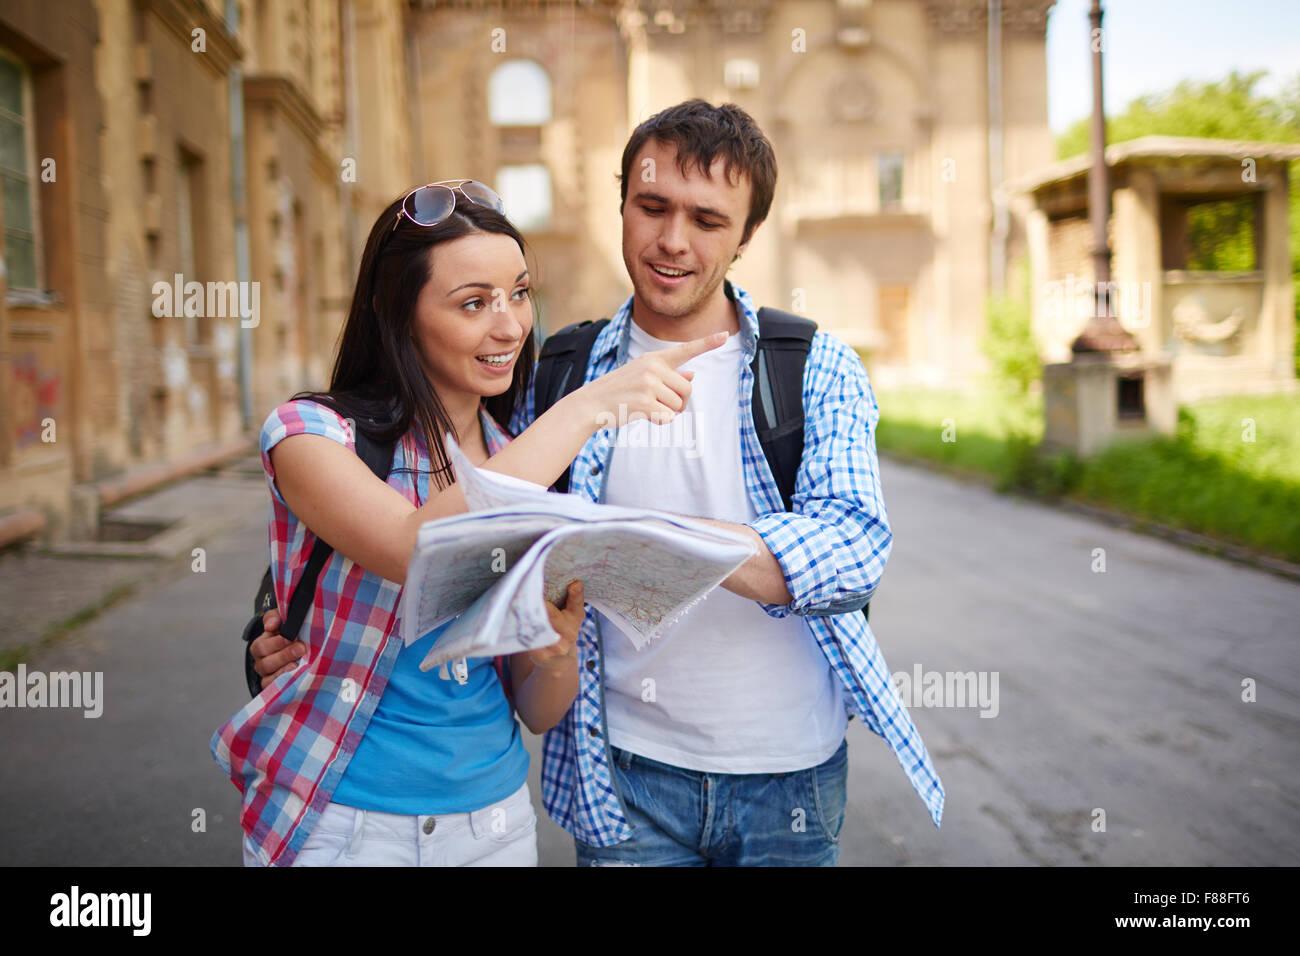 Par de turistas consultar una guía de la ciudad buscando lugares en la calle y apuntando Imagen De Stock